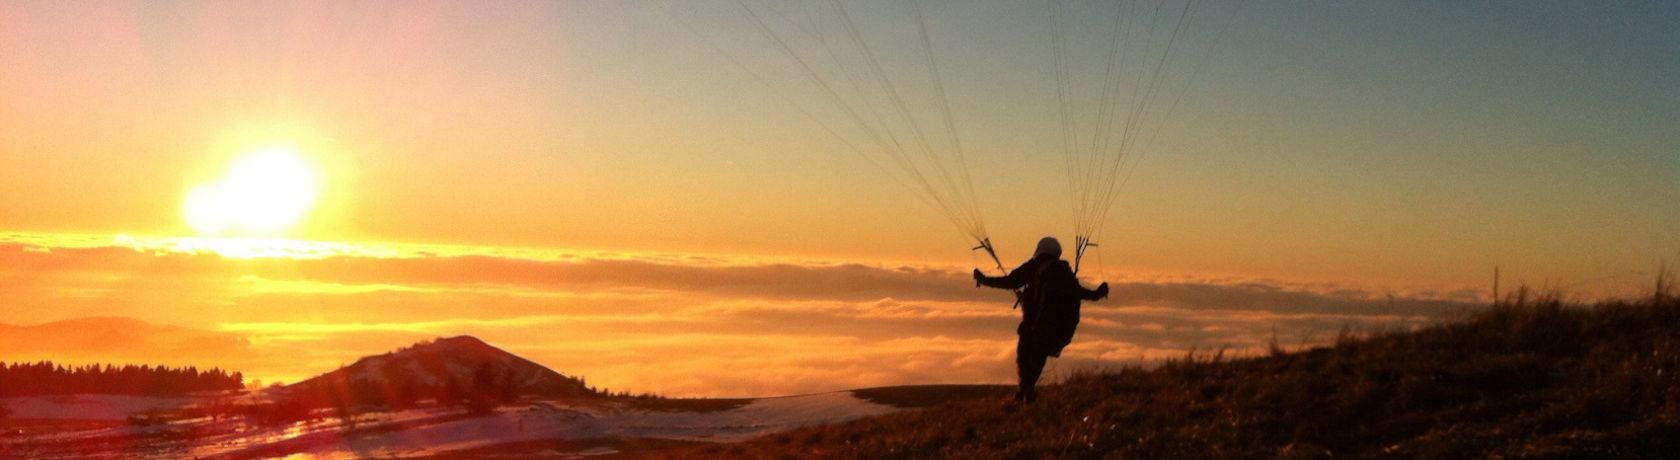 Paraglider startet in die Abendsonne